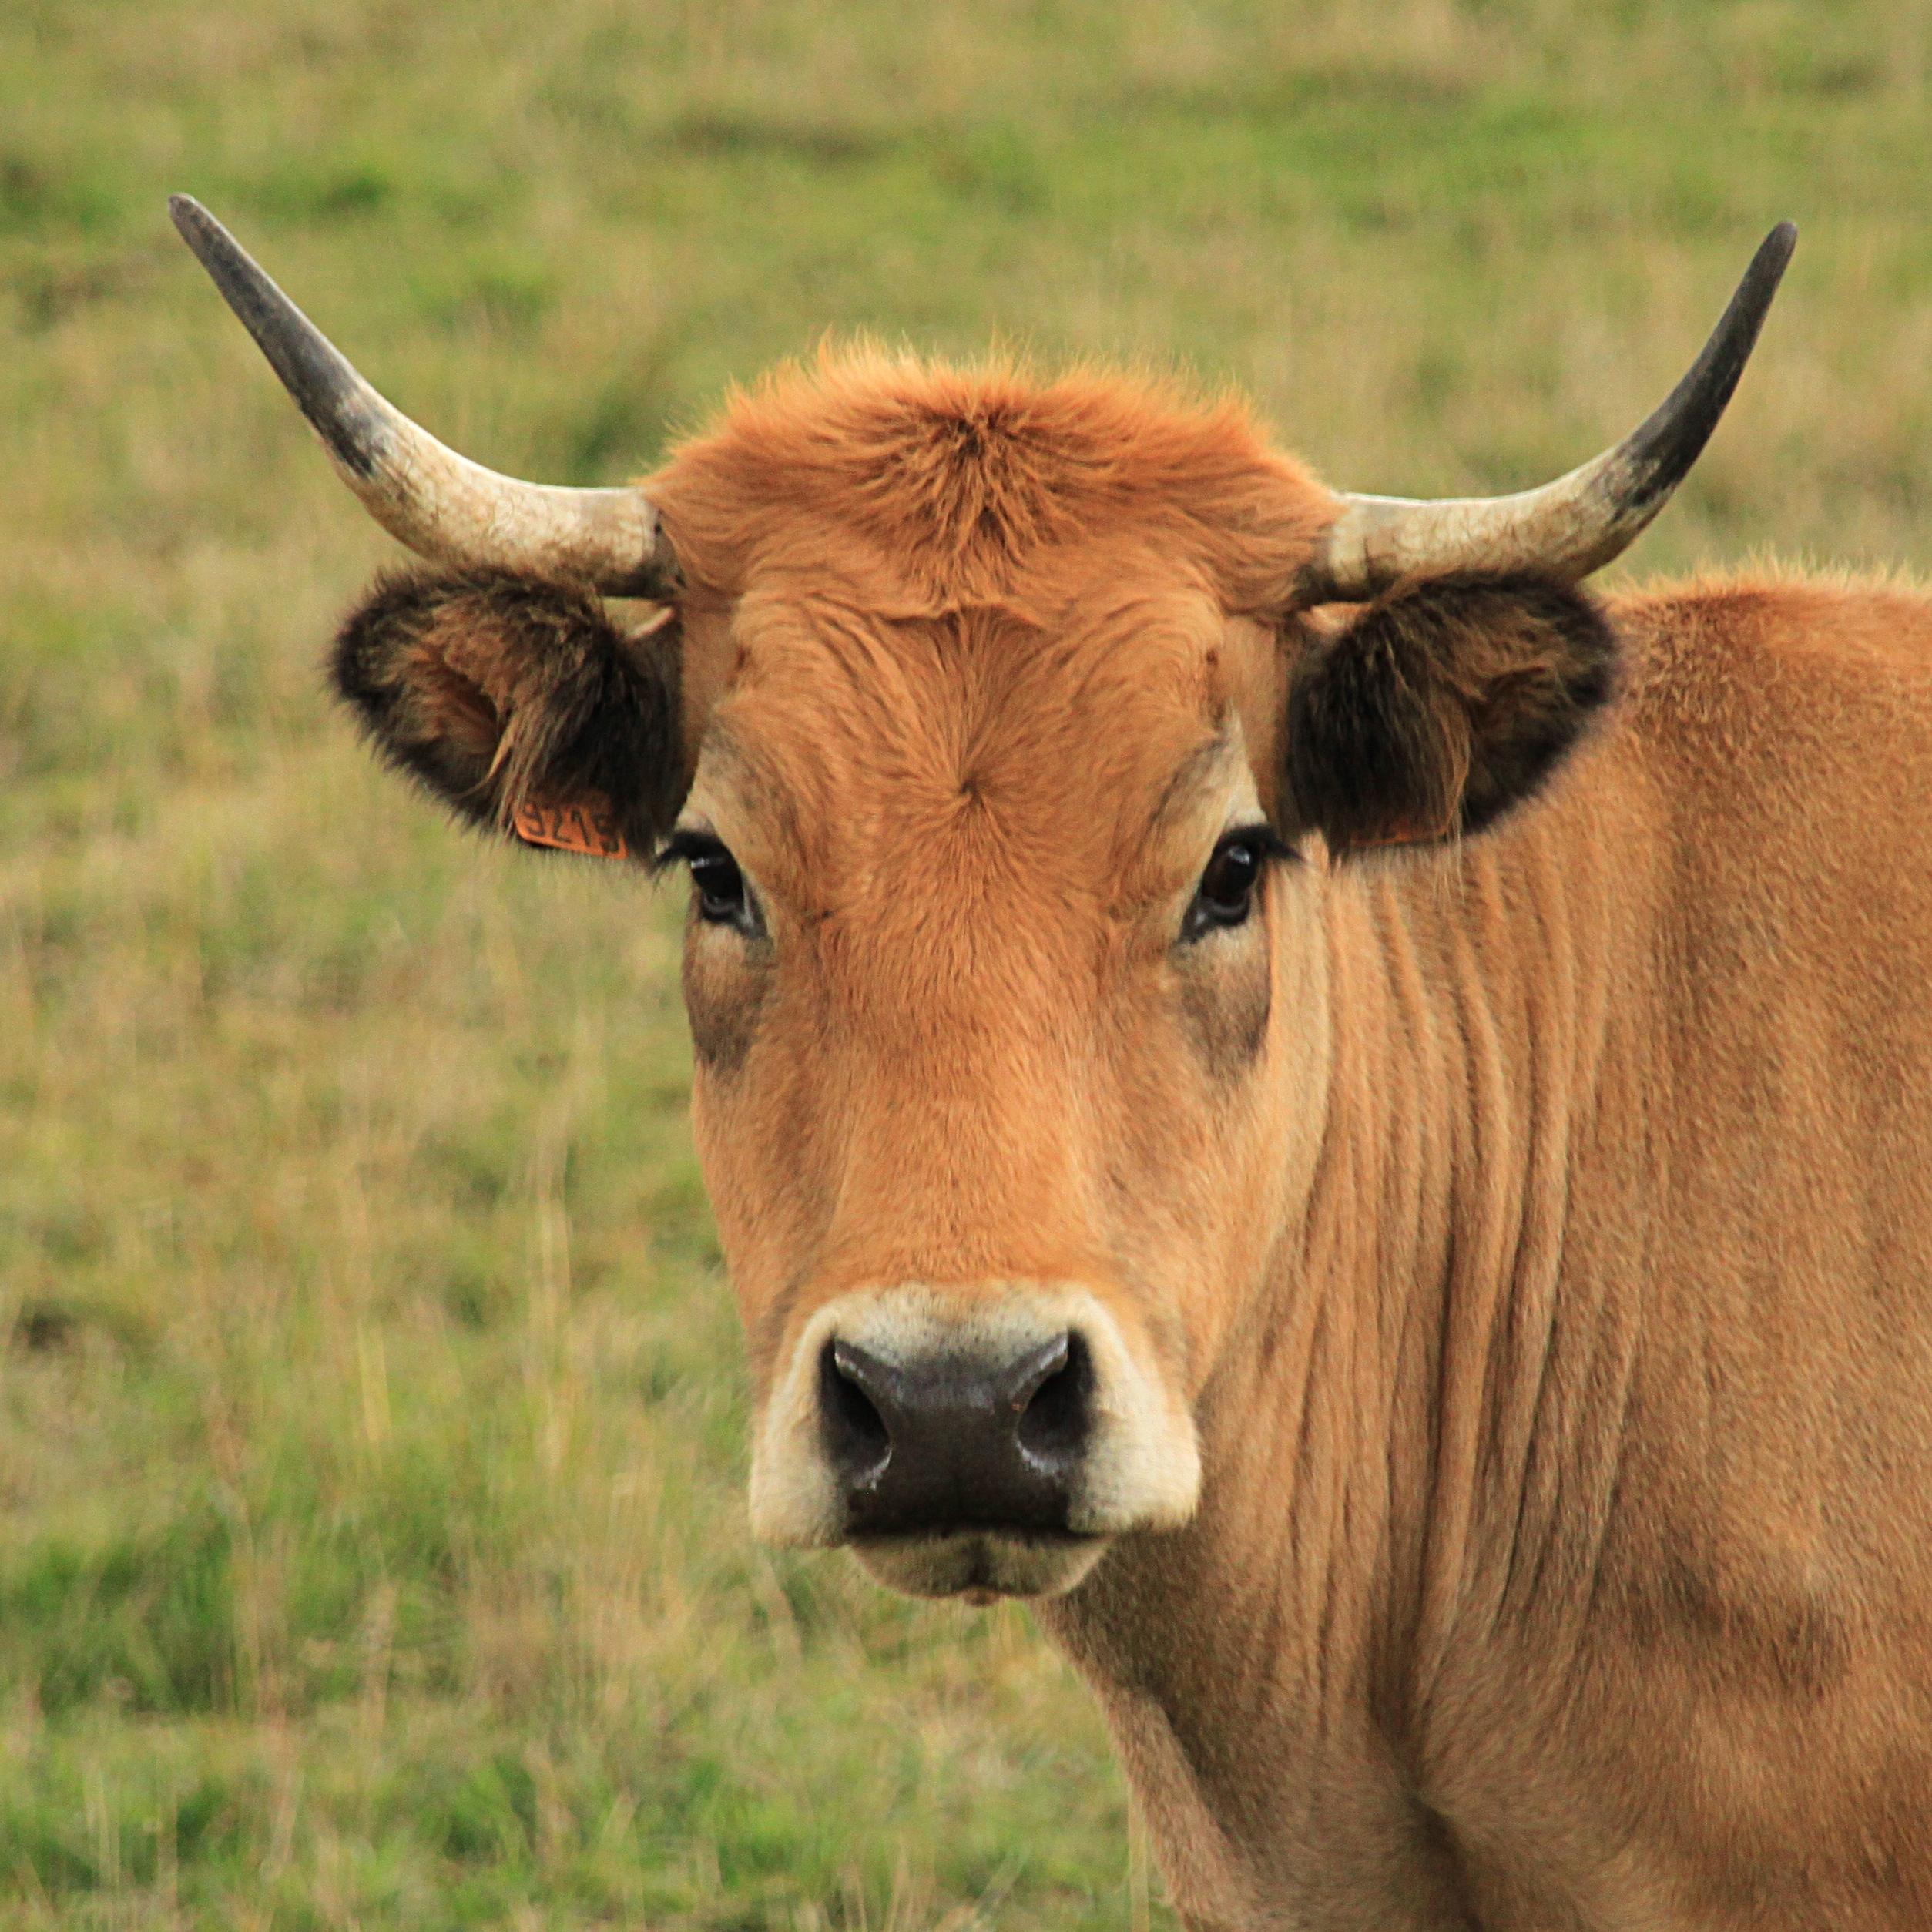 Vaches derni res nouvelles de l 39 homme - Photo de vache drole ...